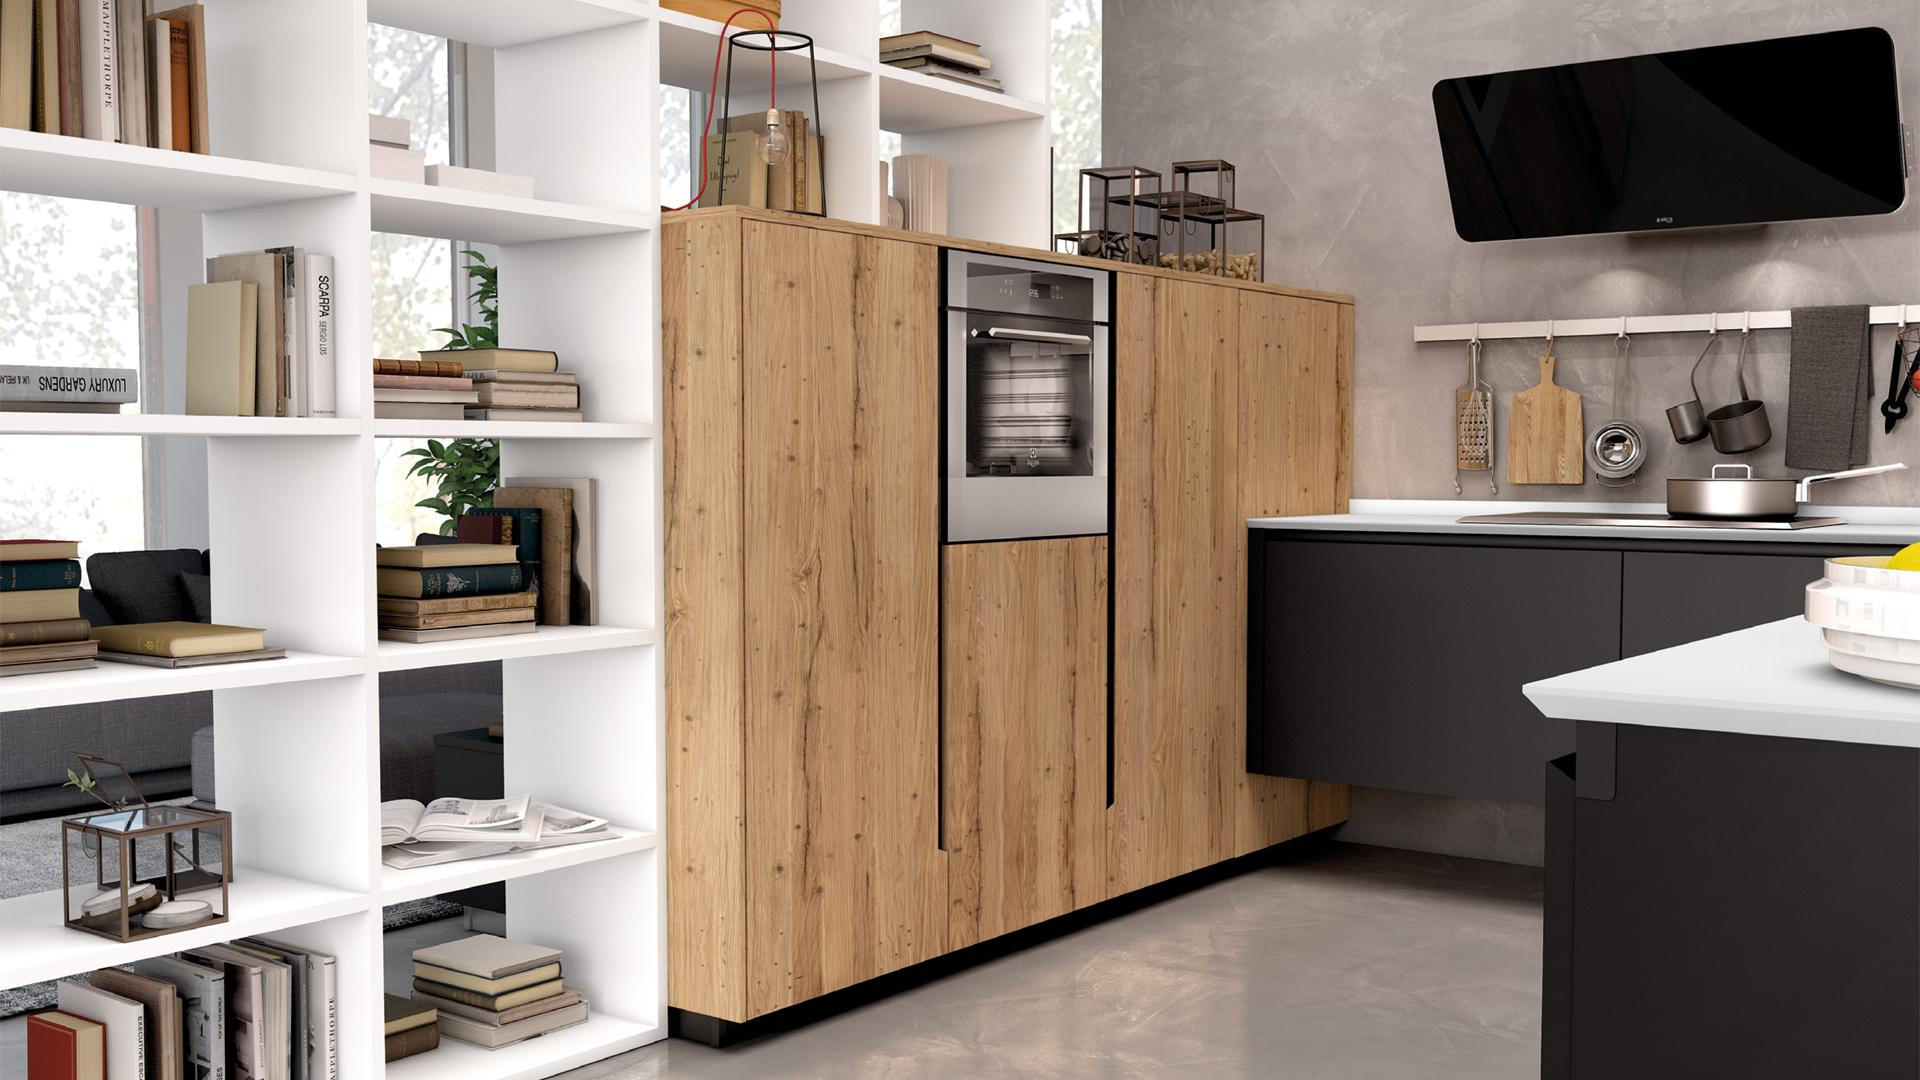 Le nuove cucine moderne lube store milano le cucine - Cucine moderne con isola lube ...